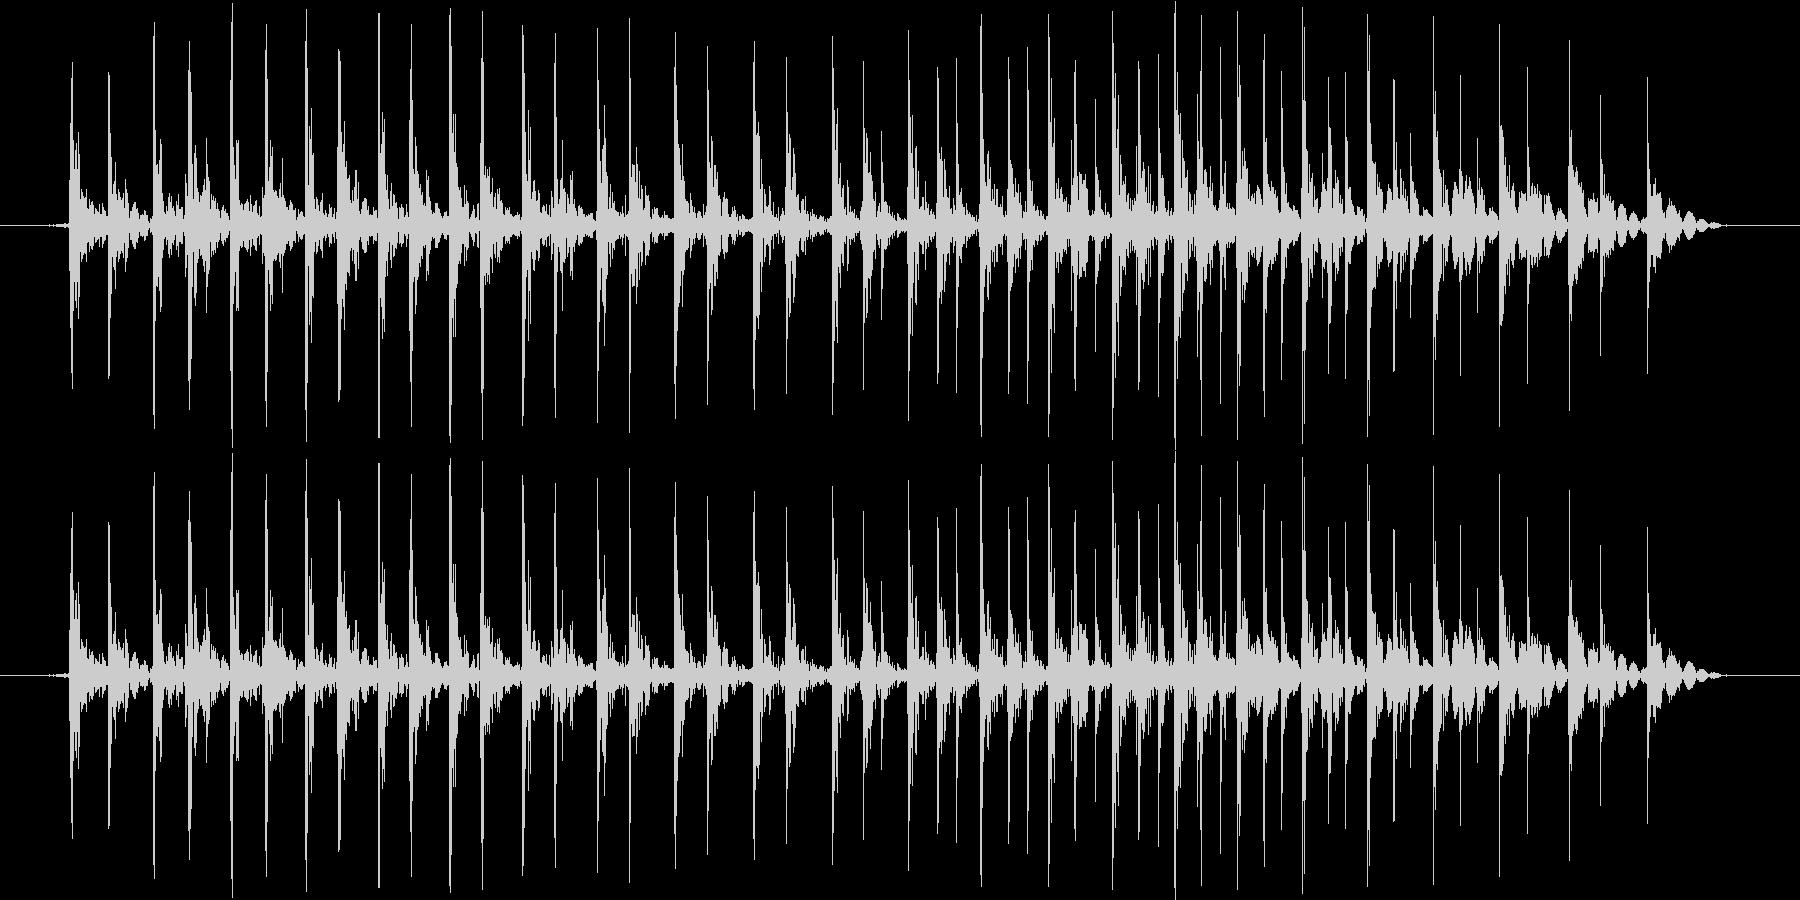 ガガガガガガガ・・・(ギロ的な)の未再生の波形